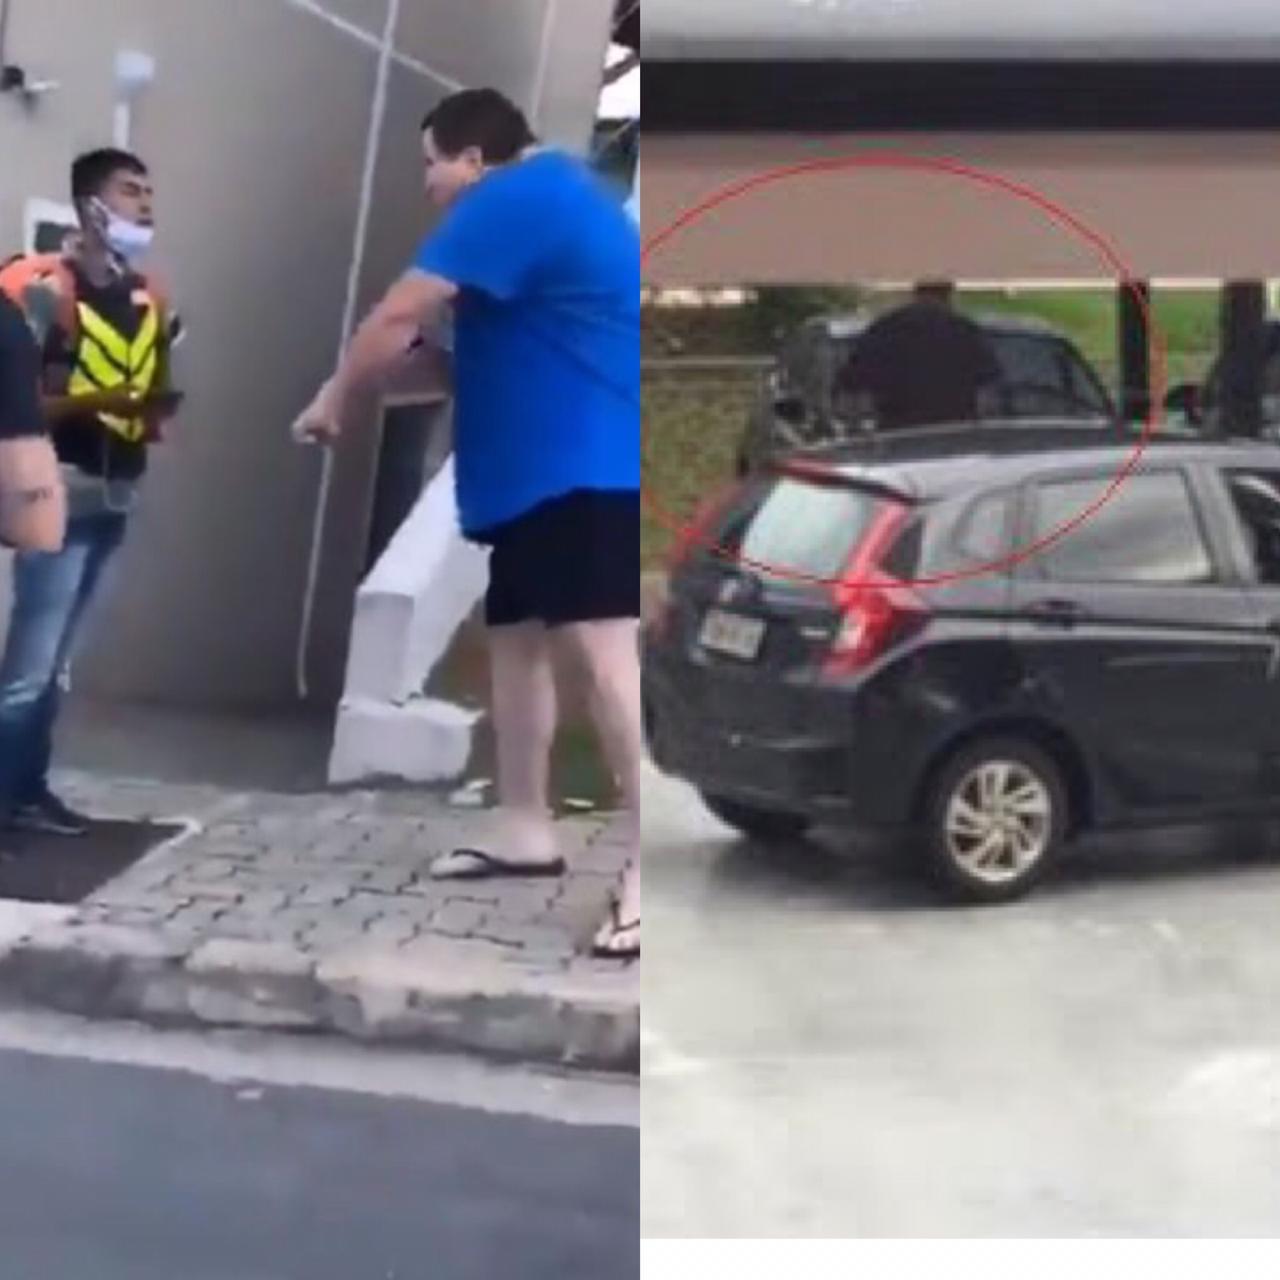 Homem que humilhou motoboy aparece em vídeo quebranco carro da vizinha - Foto: Reprodução